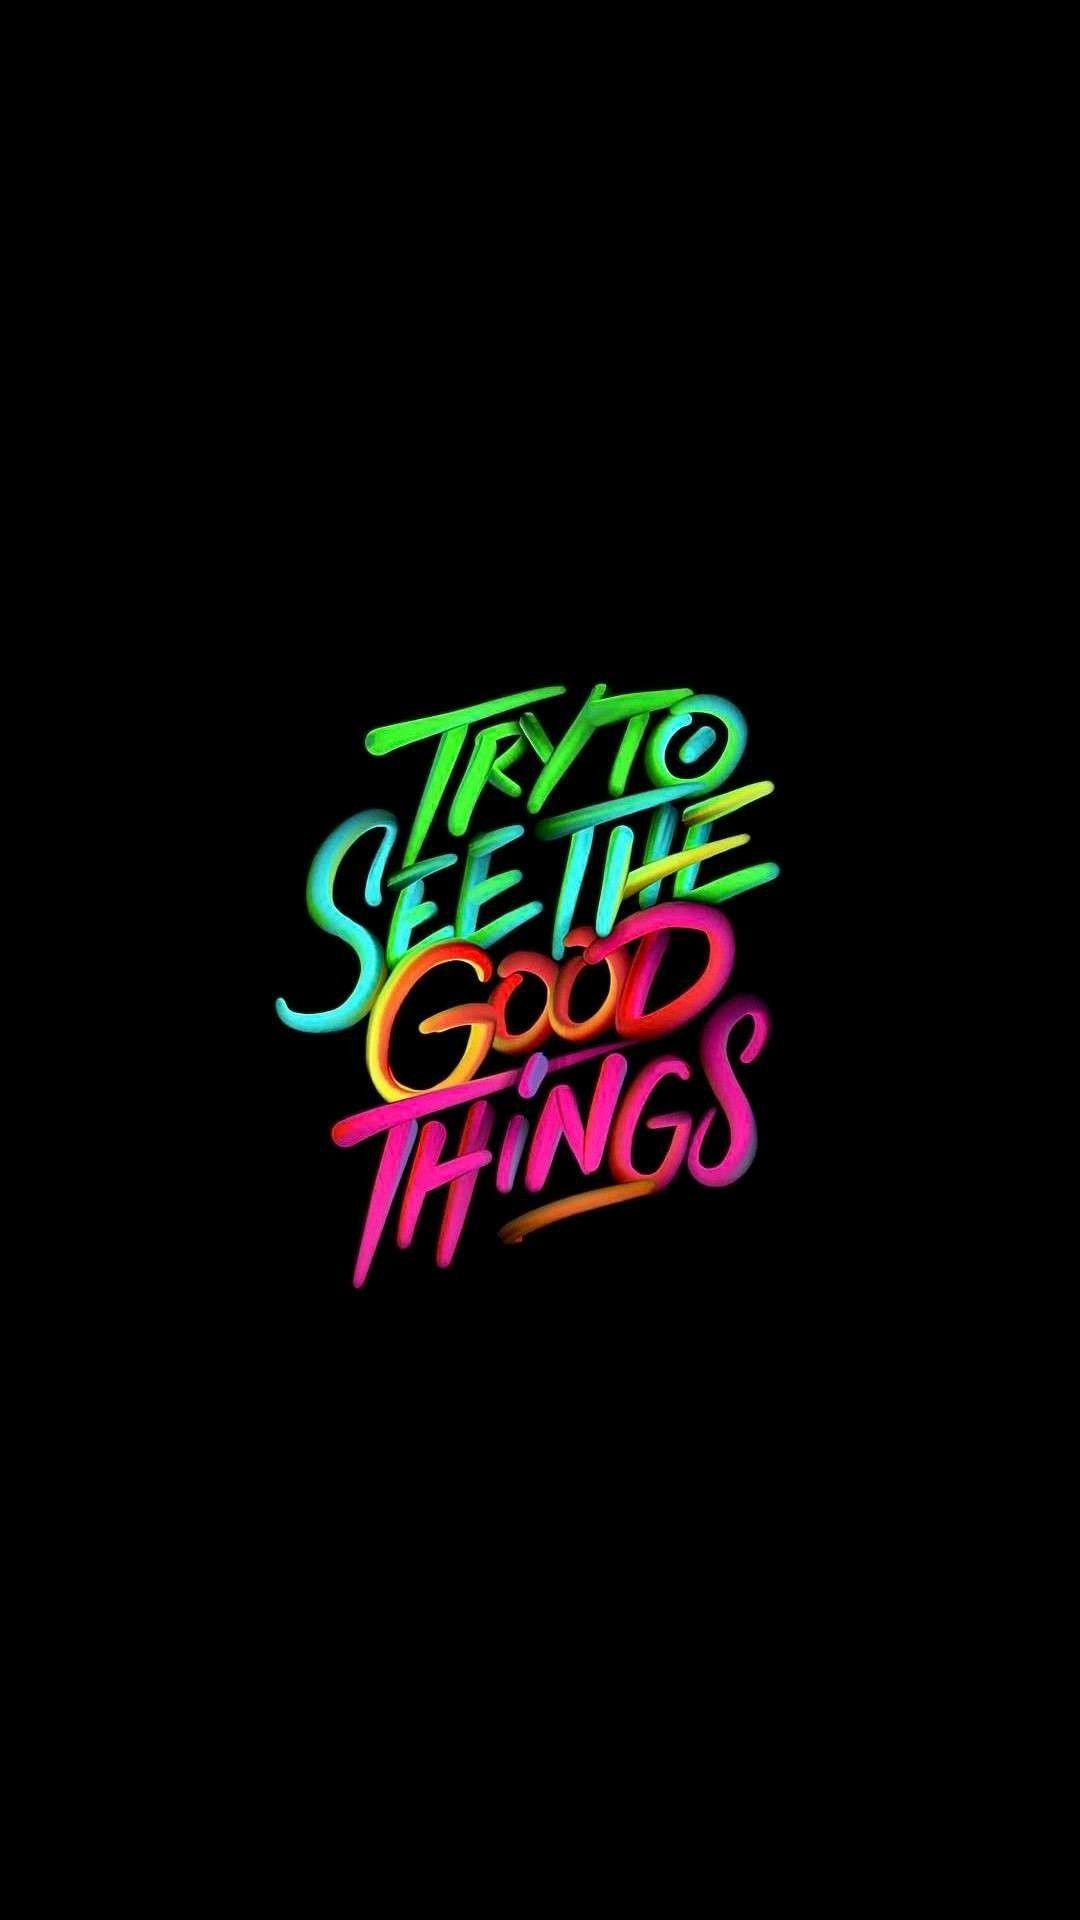 Intenta Ver Las Cosas Buenas Harme El Favo Wallpaper Iphone Quotes Words Wallpaper Wallpaper Quotes